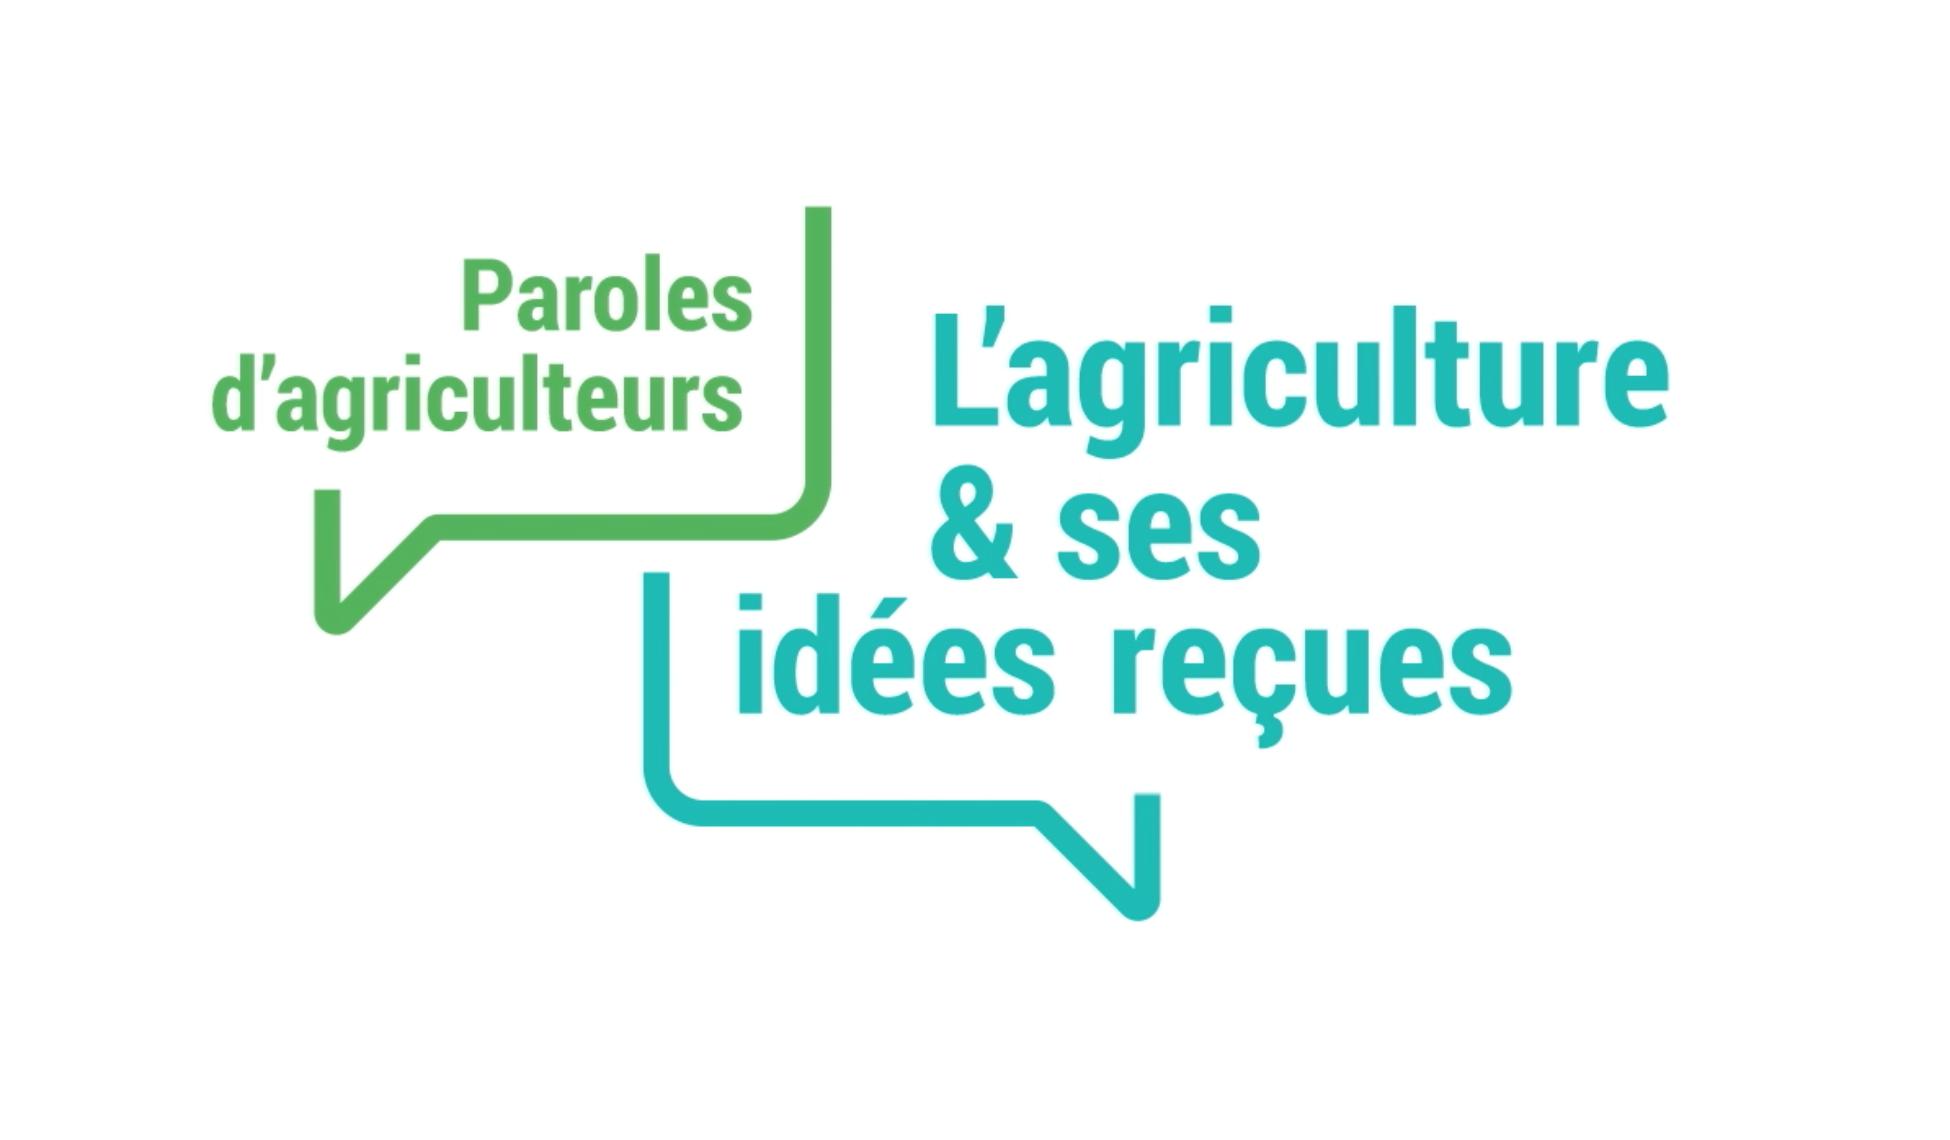 L'agriculture et ses idées reçues : paroles d'agriculteurs